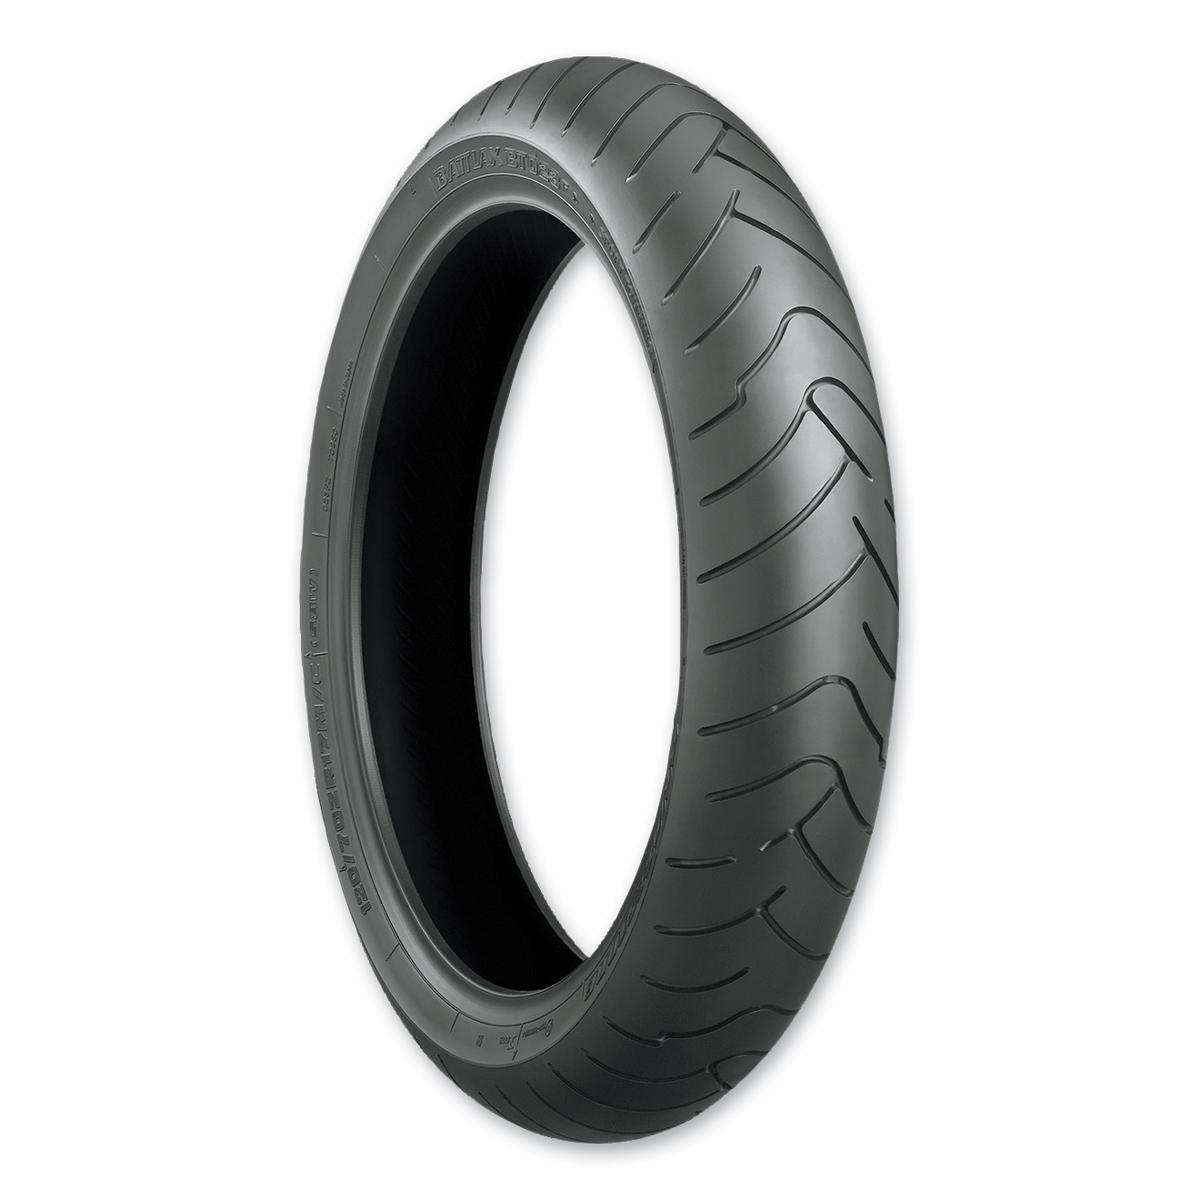 Bridgestone BT023-F 180/55ZR17 Rear Tire